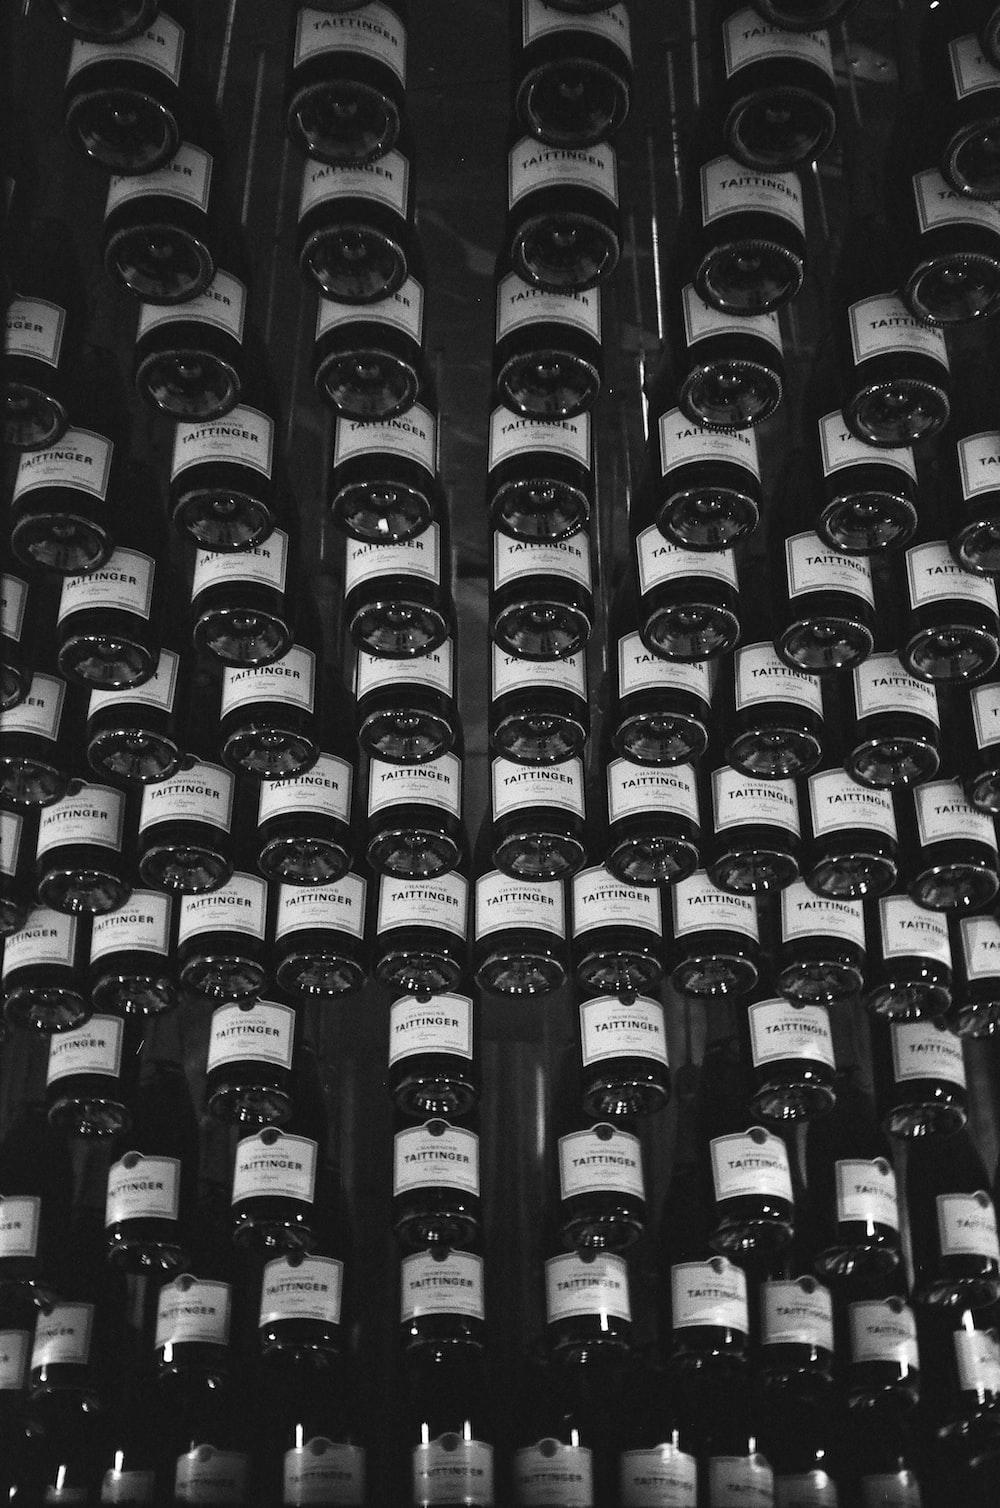 black glass bottles on brown wooden shelf